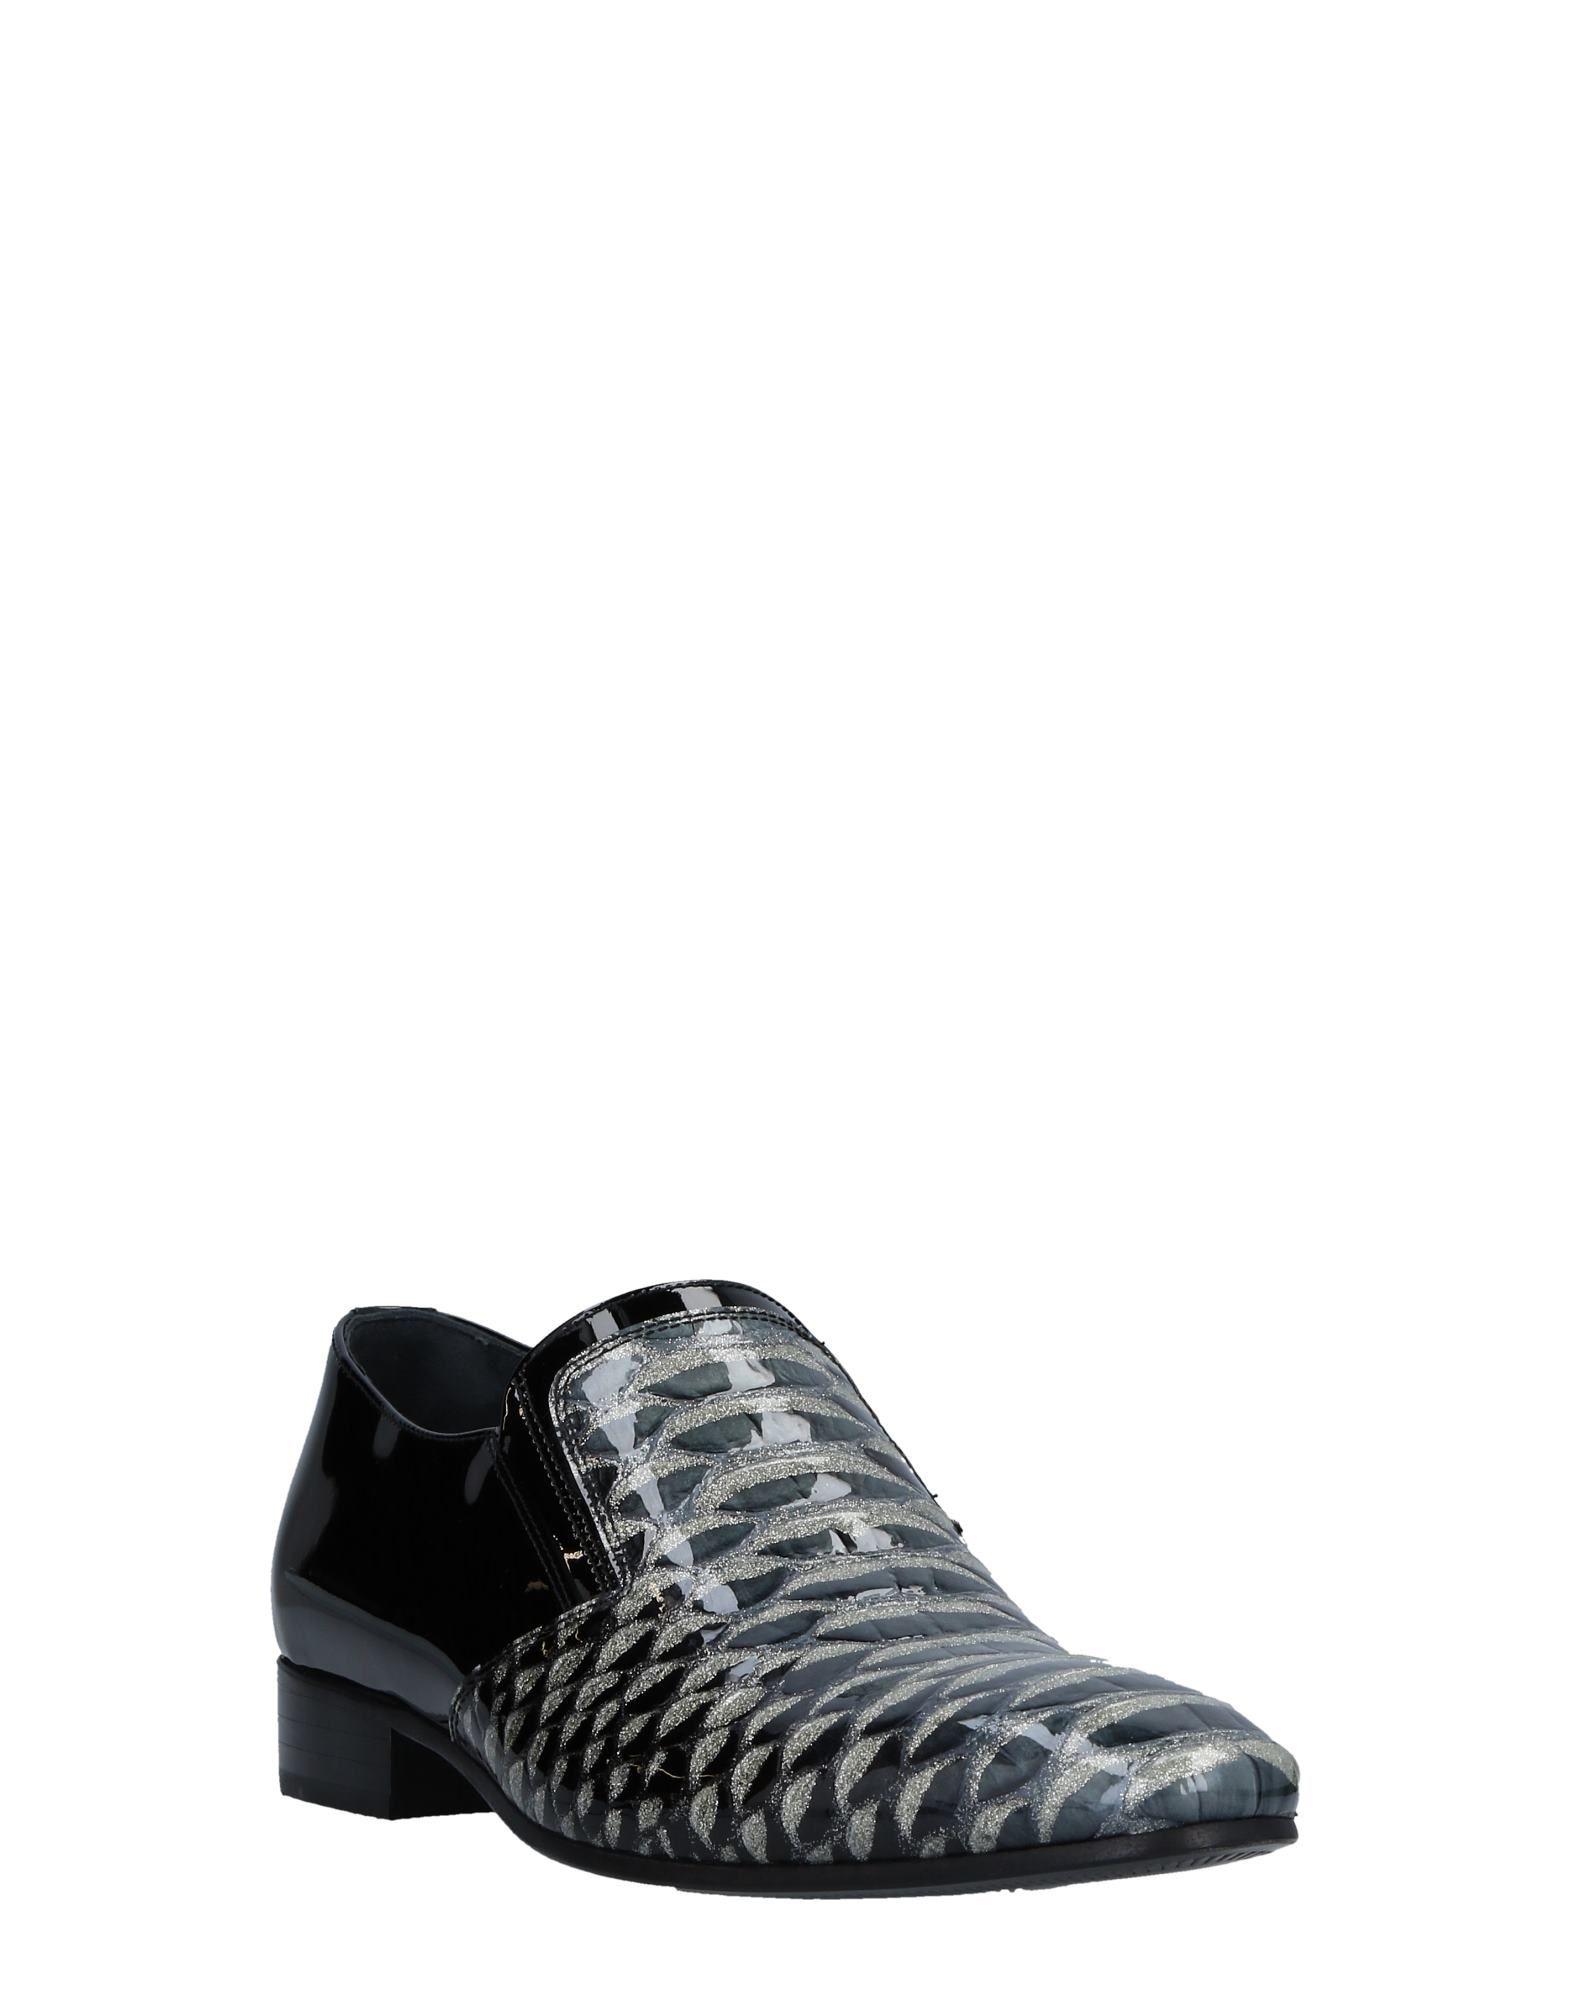 Giovanni Conti Mokassins Herren beliebte  11519501AP Gute Qualität beliebte Herren Schuhe d81ebd